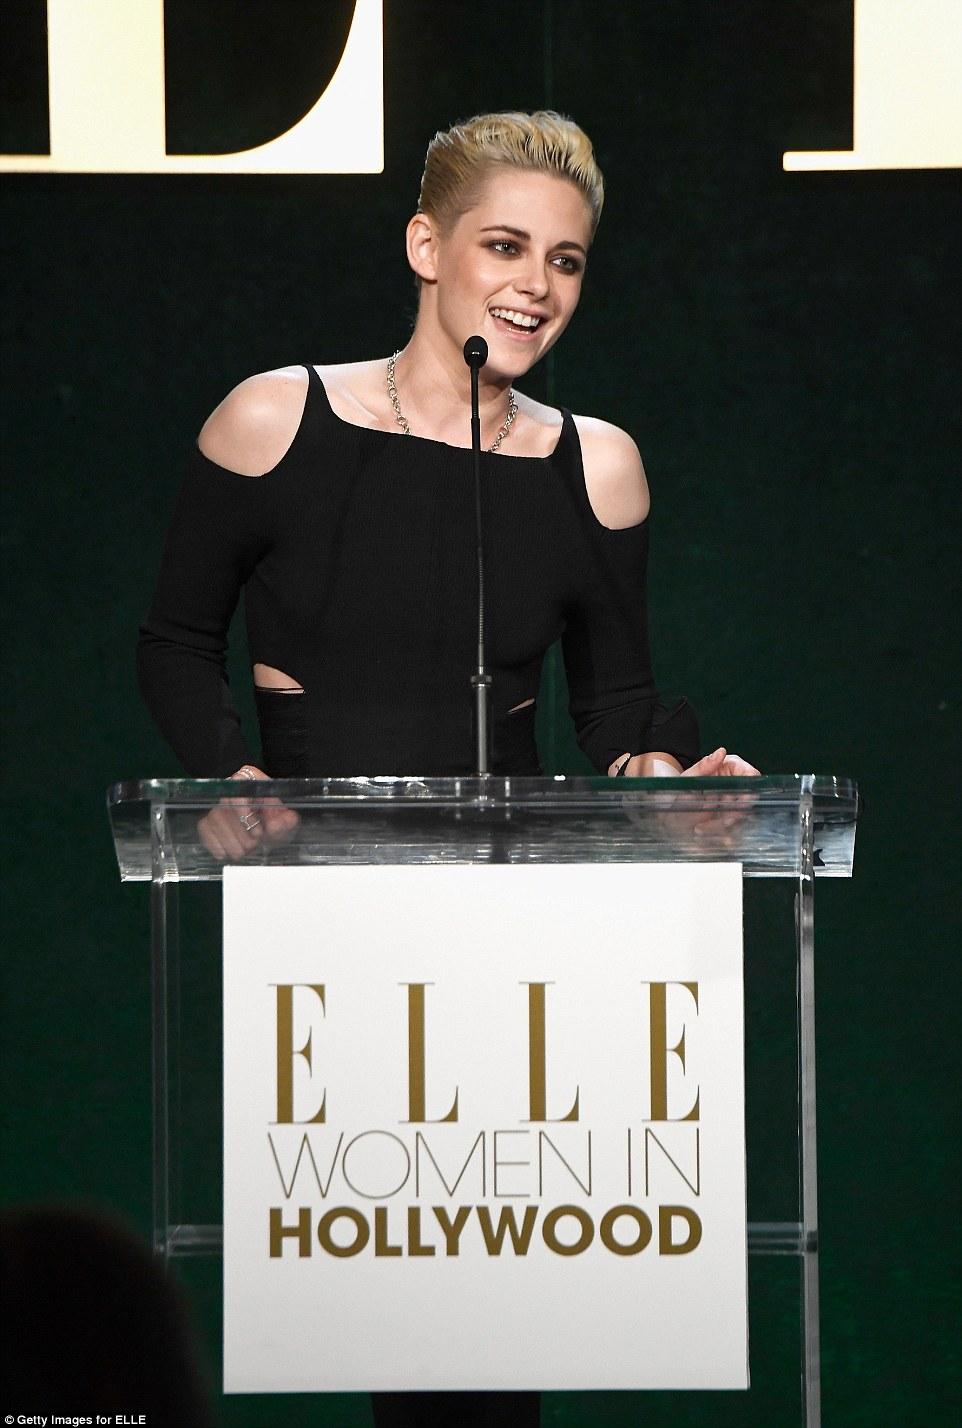 Aquele sorriso raro: Como Kristen subiu ao palco naquela noite, ela abriu um sorriso raro